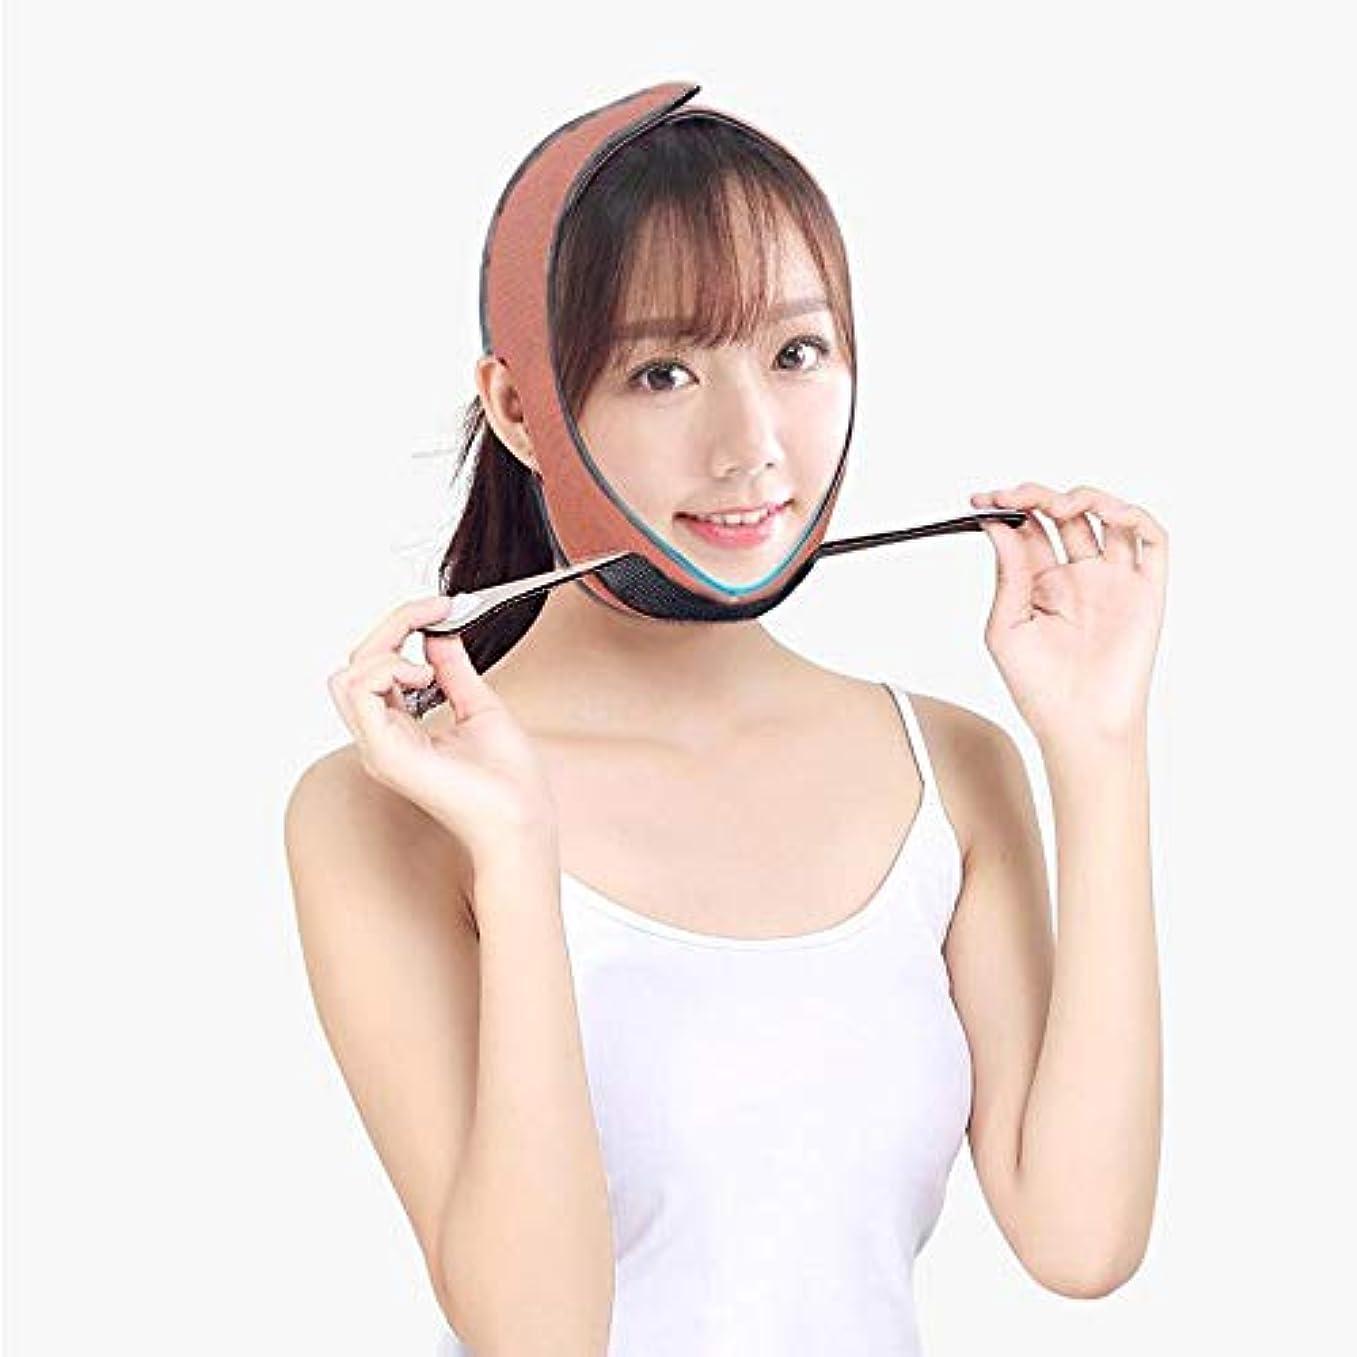 クライマックス麻痺グローMinmin フェイシャルリフティングスリミングベルト - 薄いフェイス包帯Vフェイス包帯マスクフェイシャルマッサージャー無料整形マスク顔と首の顔を引き締めますスリム みんみんVラインフェイスマスク